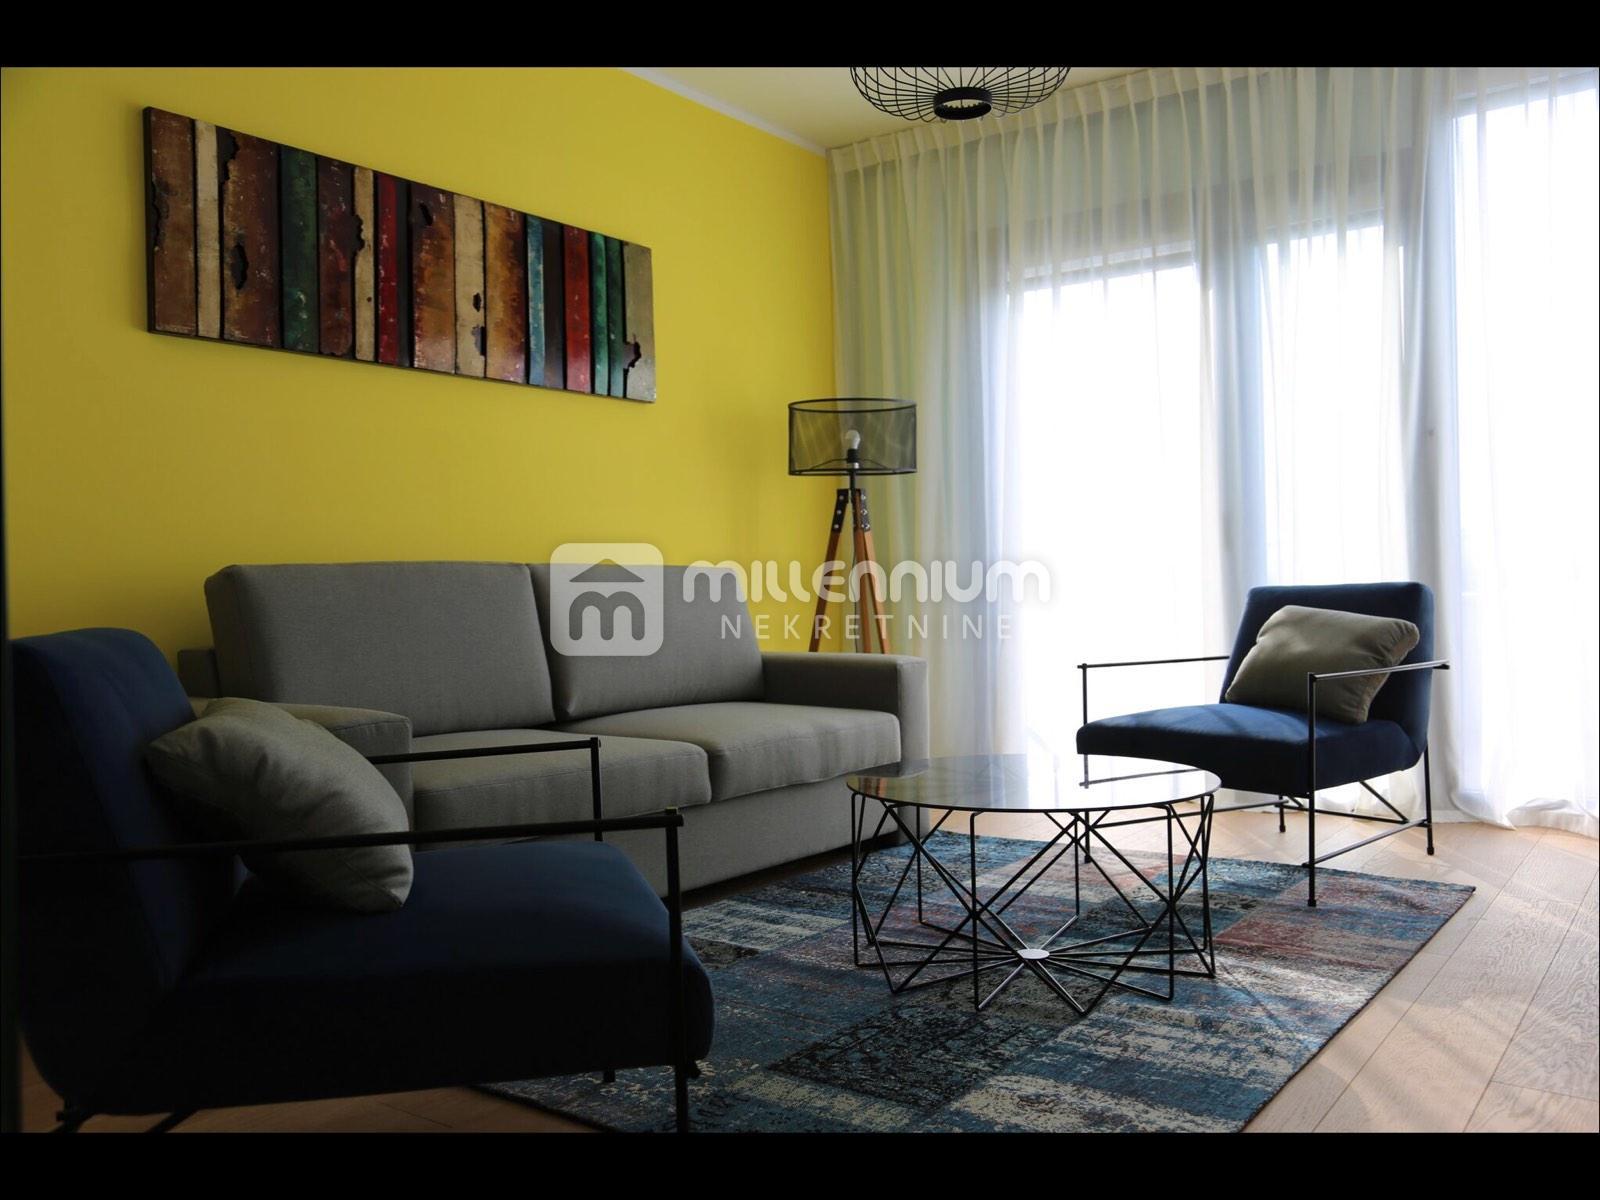 Rijeka, Trsat, 198.76m2, luksuzni dvoetažni stan u novogradnji